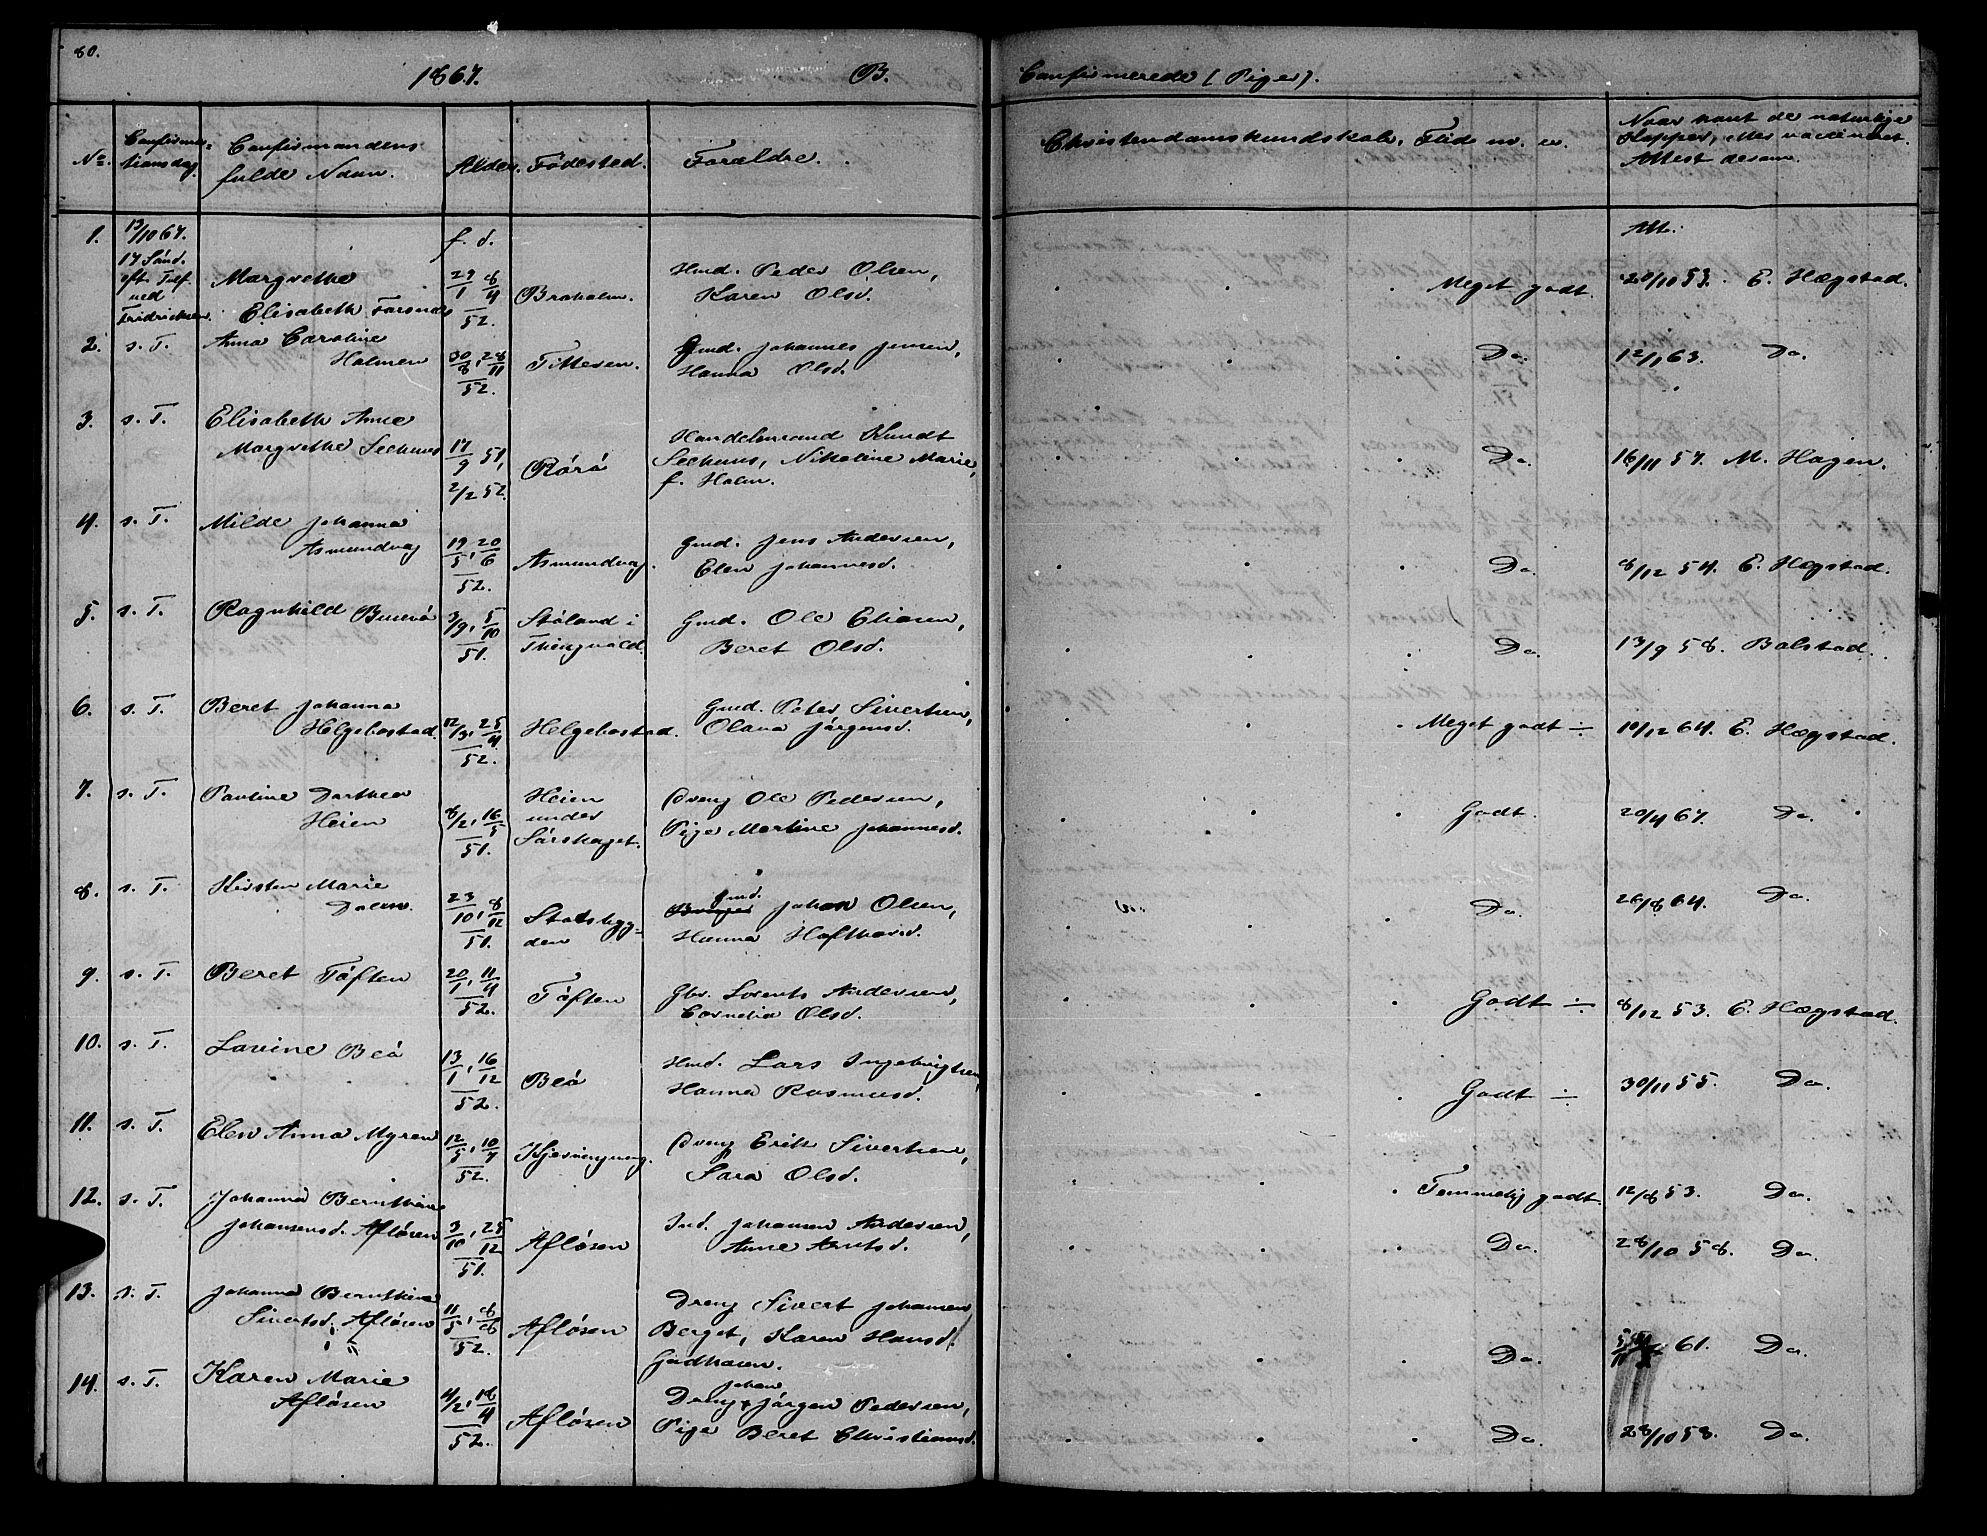 SAT, Ministerialprotokoller, klokkerbøker og fødselsregistre - Sør-Trøndelag, 634/L0539: Klokkerbok nr. 634C01, 1866-1873, s. 80